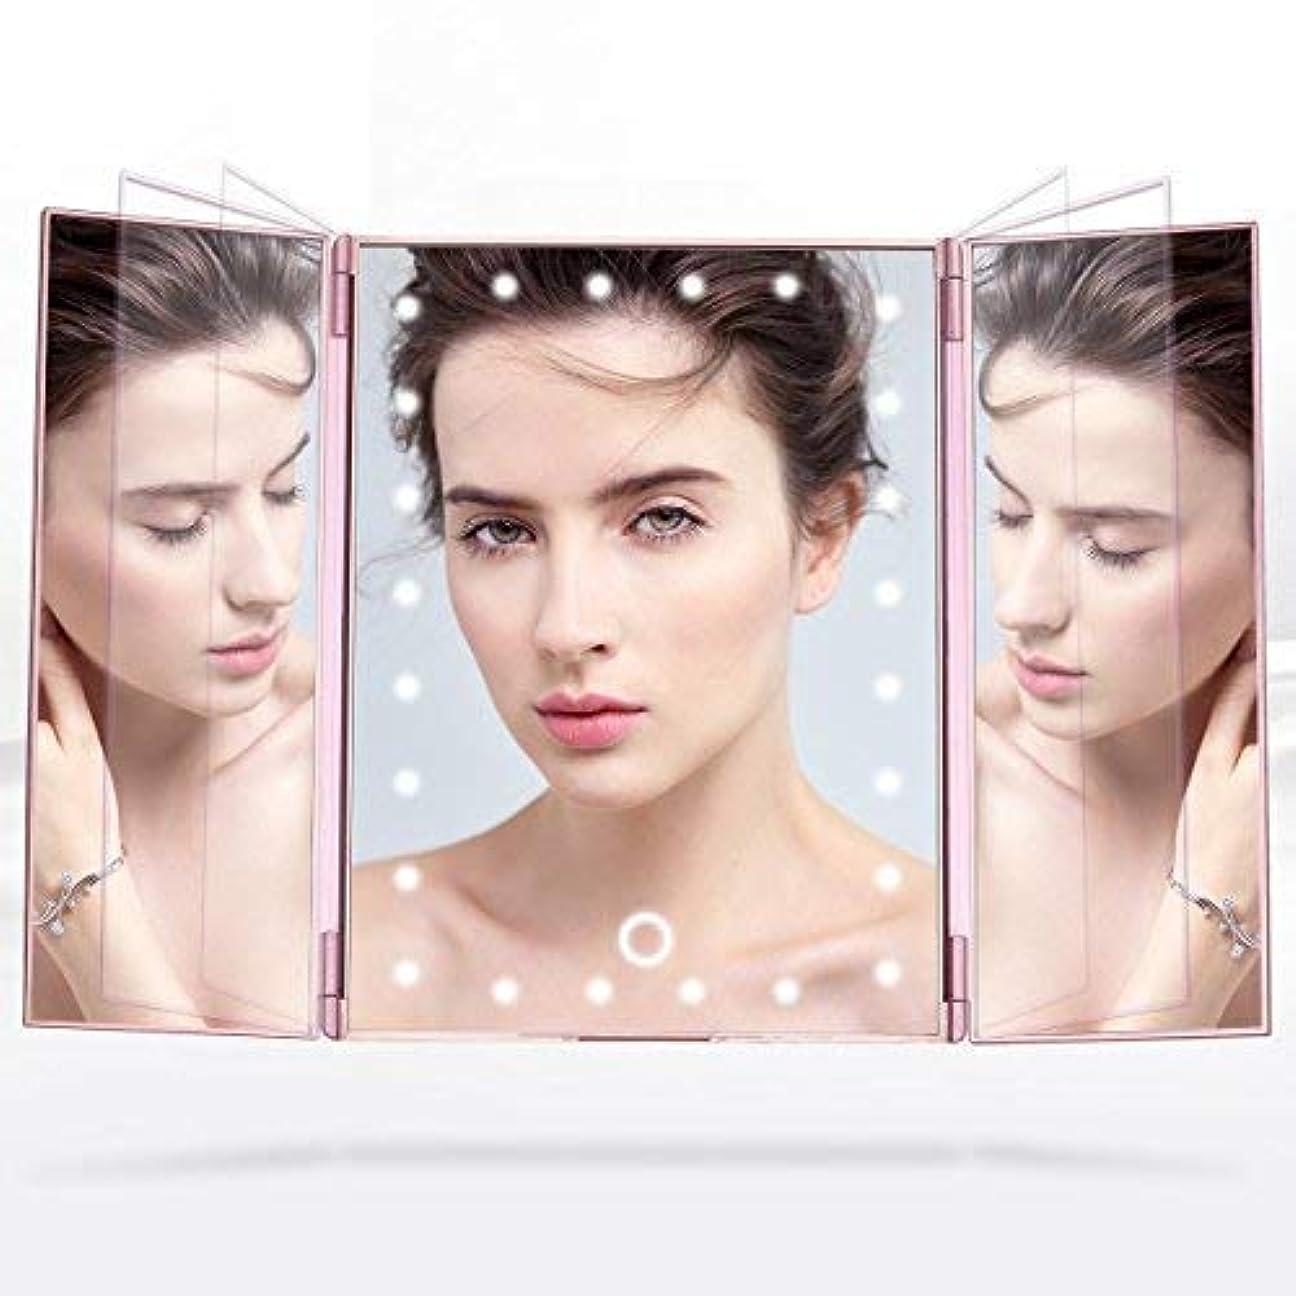 カヌー防止味付け化粧鏡 卓上ミラー三面鏡 LED付き折りたたみ式 明るさ調整可能 ローズゴールド